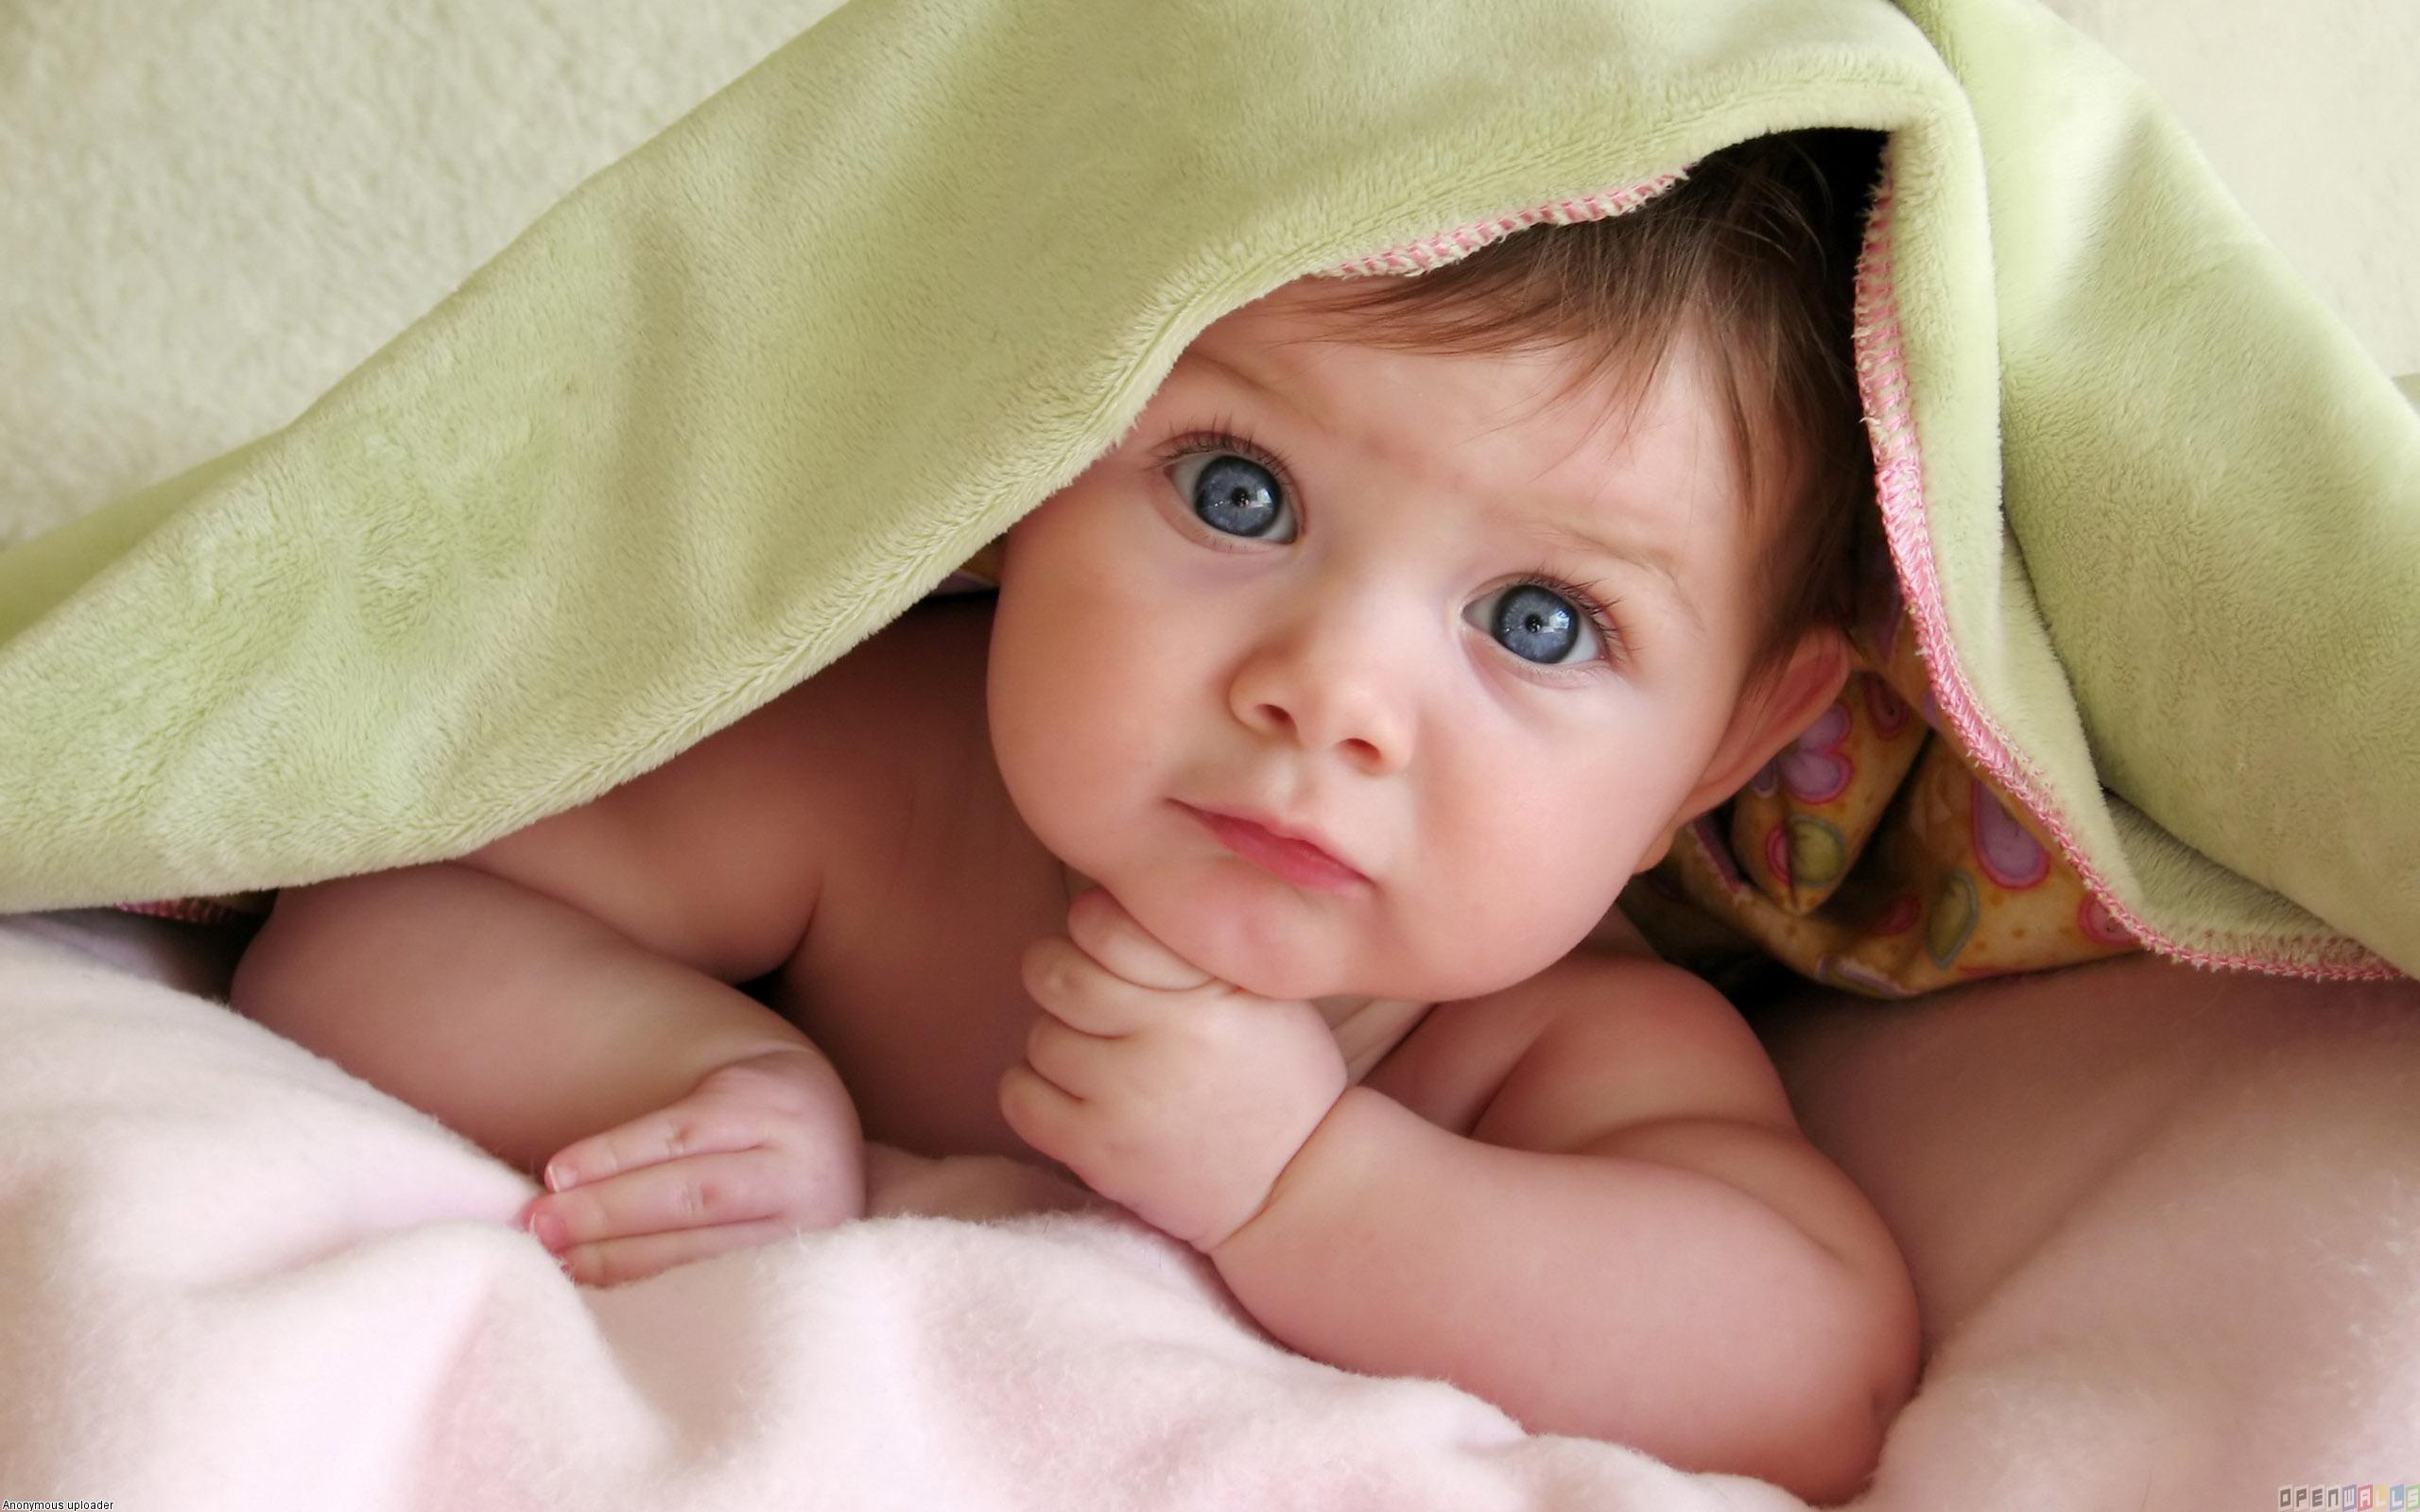 มองรูปเด็กน่ารักตอนท้อง